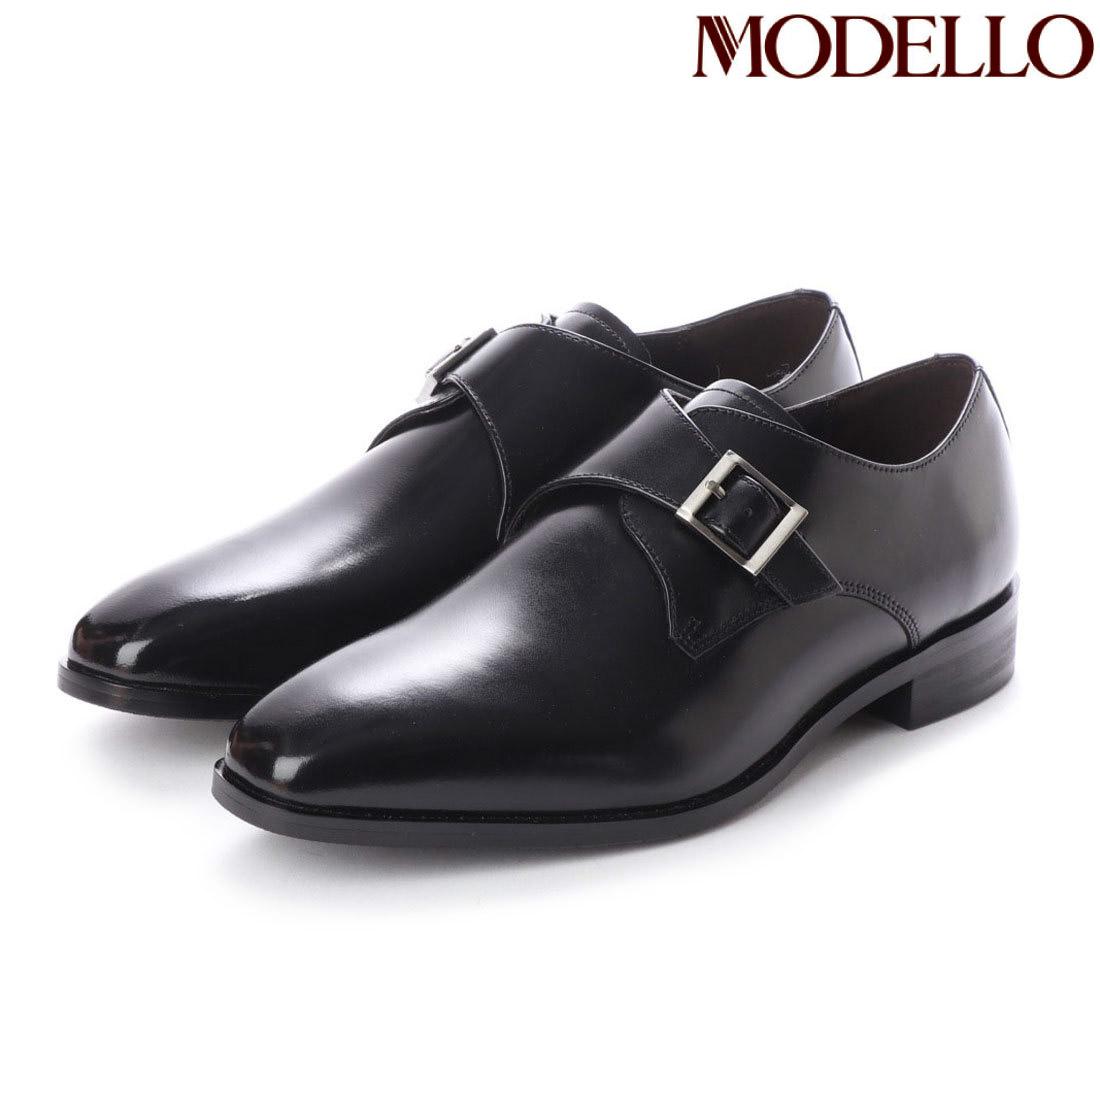 モデロ MODELLO モンクストラップ ビジネスシューズ DM5126 マドラス 革靴 【nesh】 【新品】